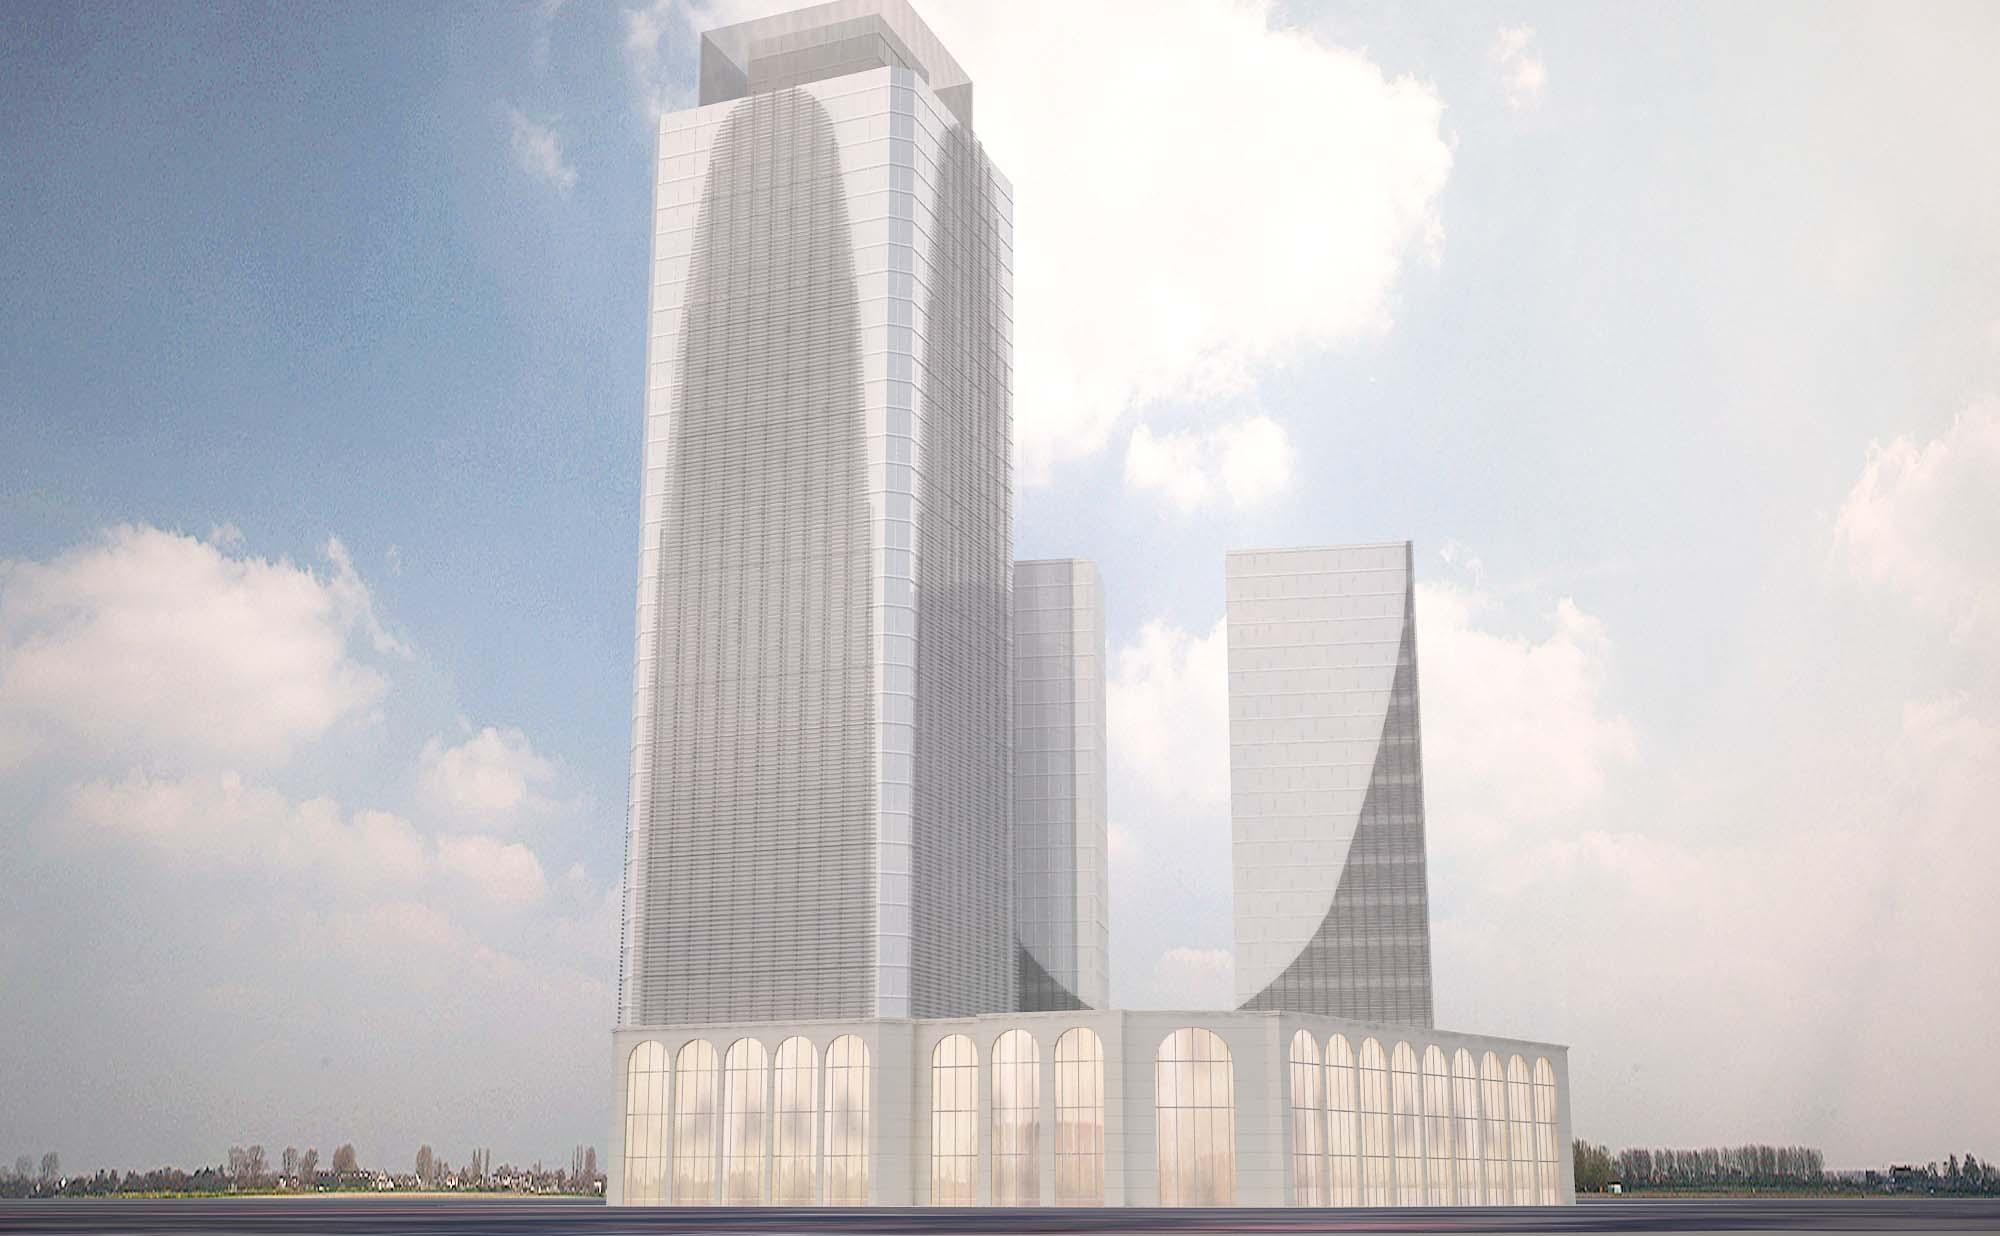 Stefano Tordiglione - stdesign - ST Design - architecture - interior - Tianjin IFC 2